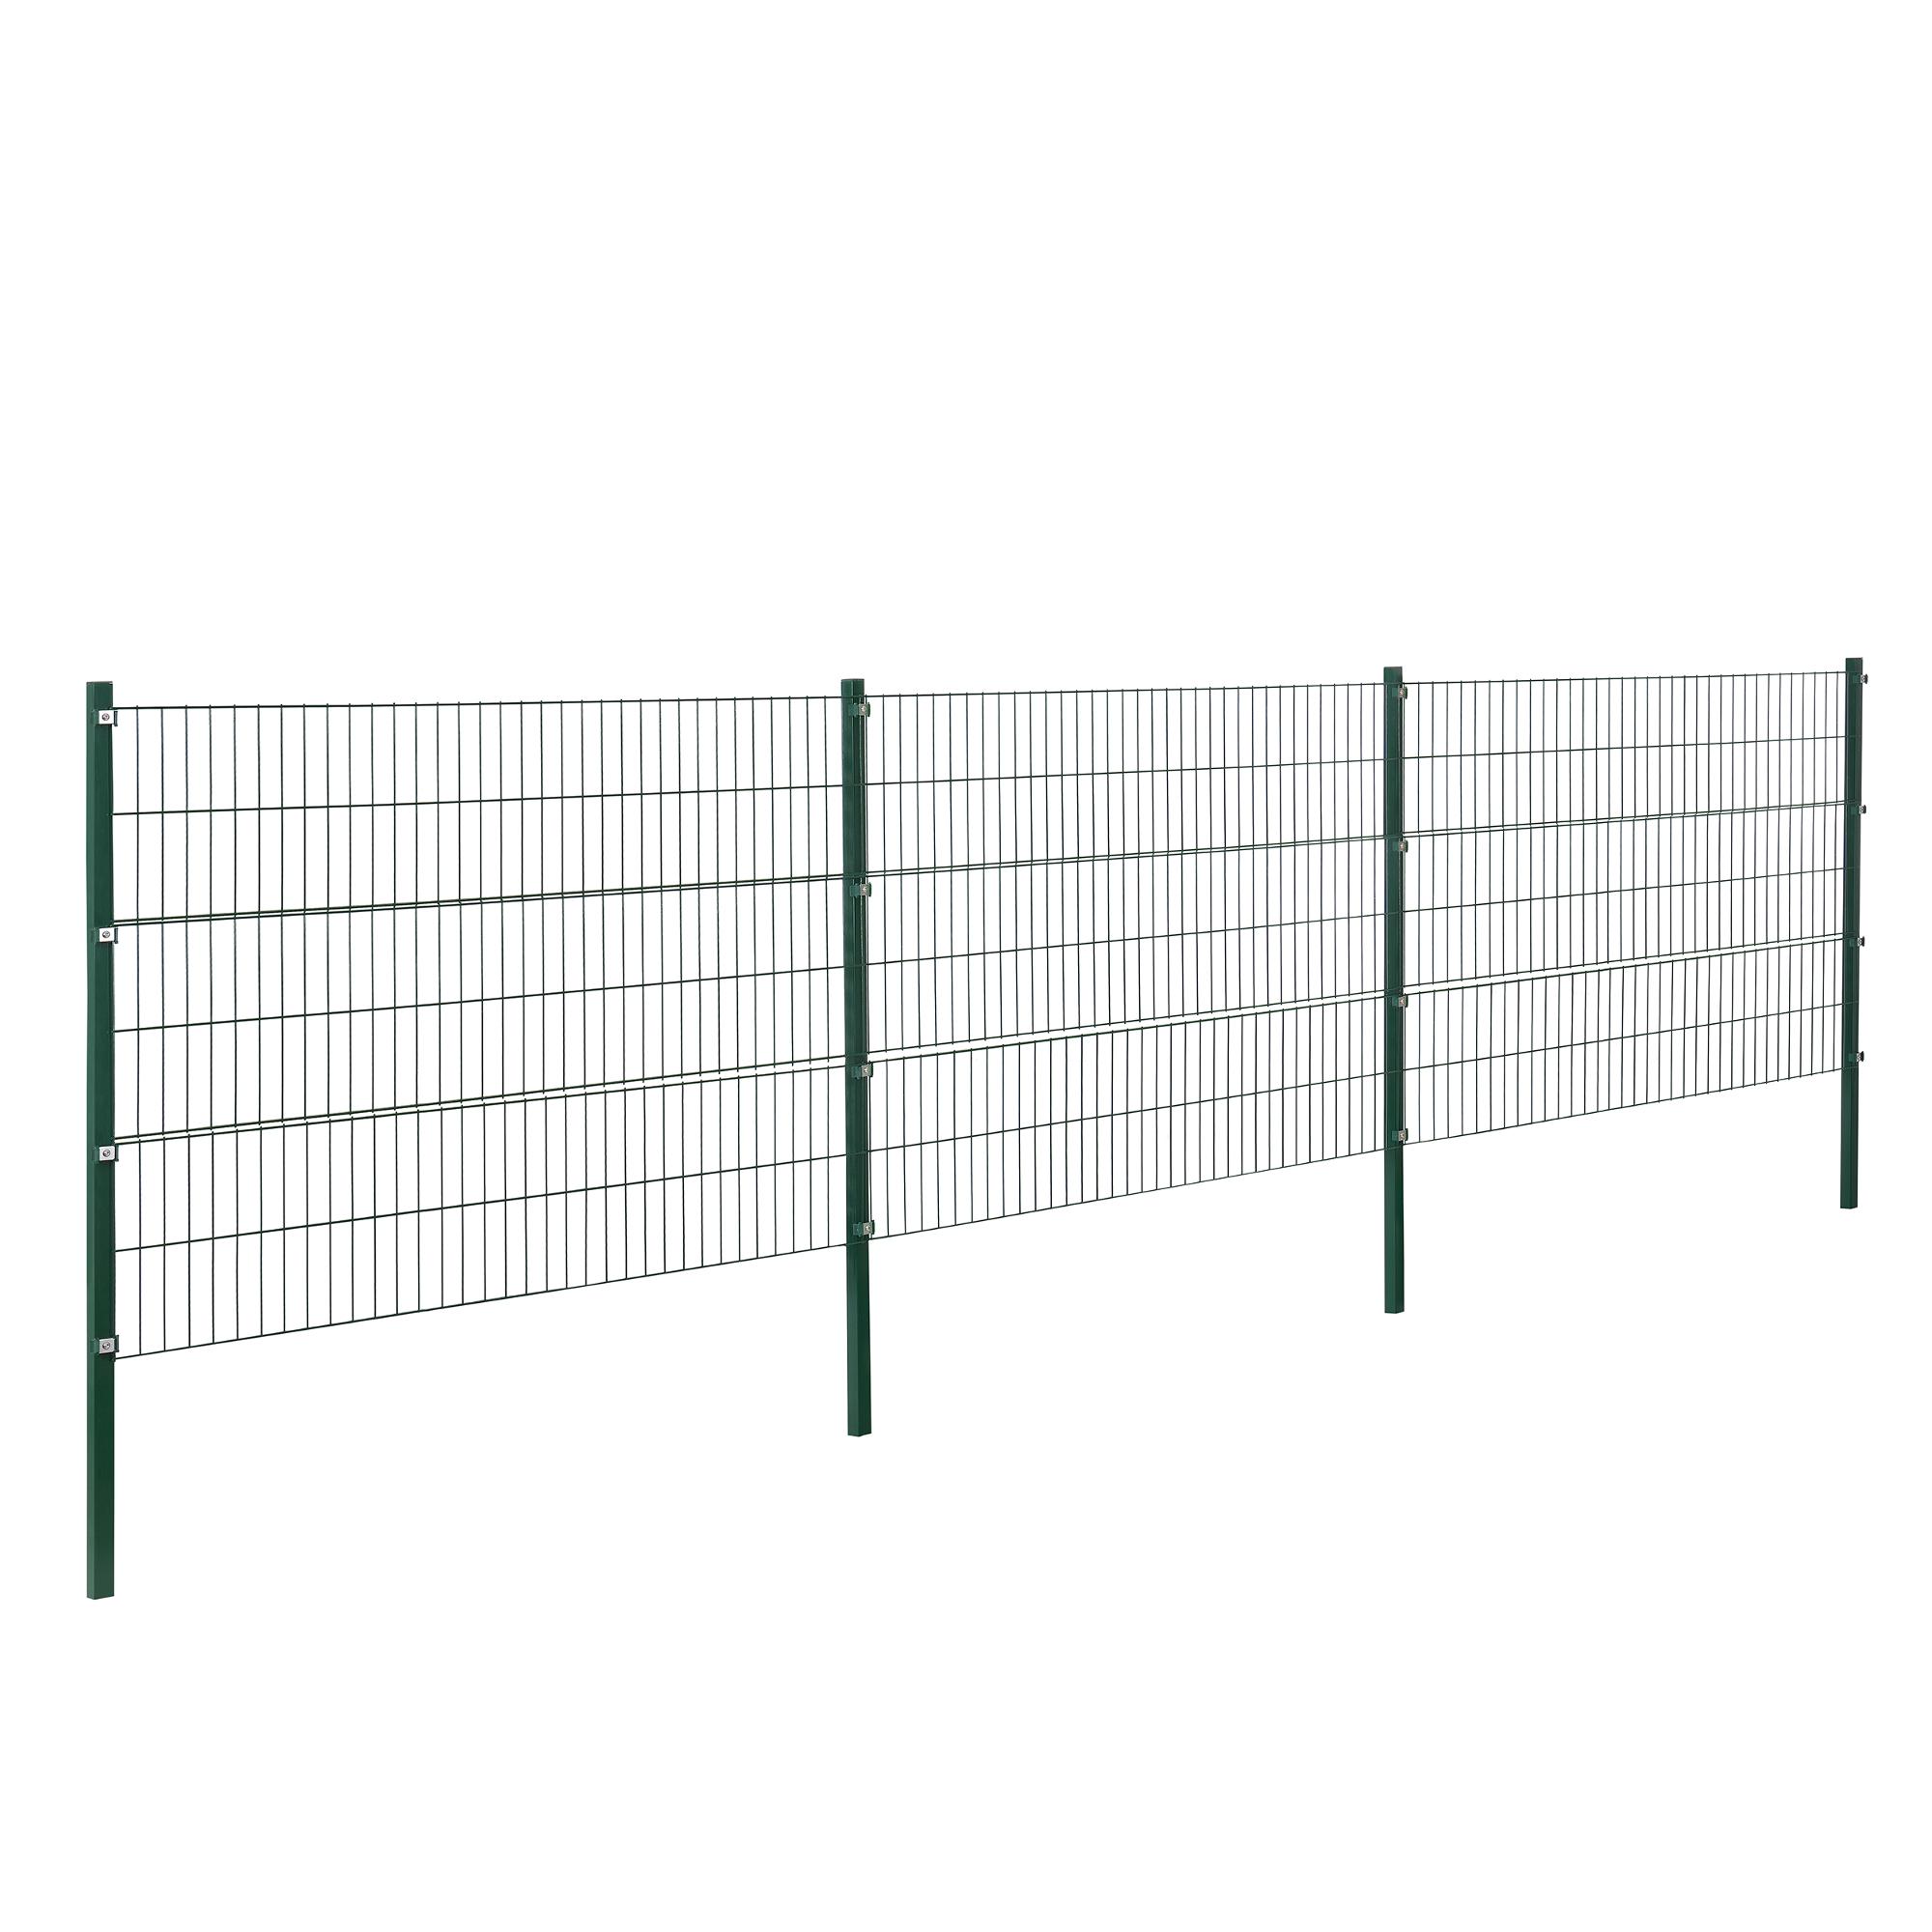 Grillage Jardin Hauteur 2M détails sur [pro.tec]® clôture de jardin 6x1,2m vert clôture kit tapis de  grille métallique